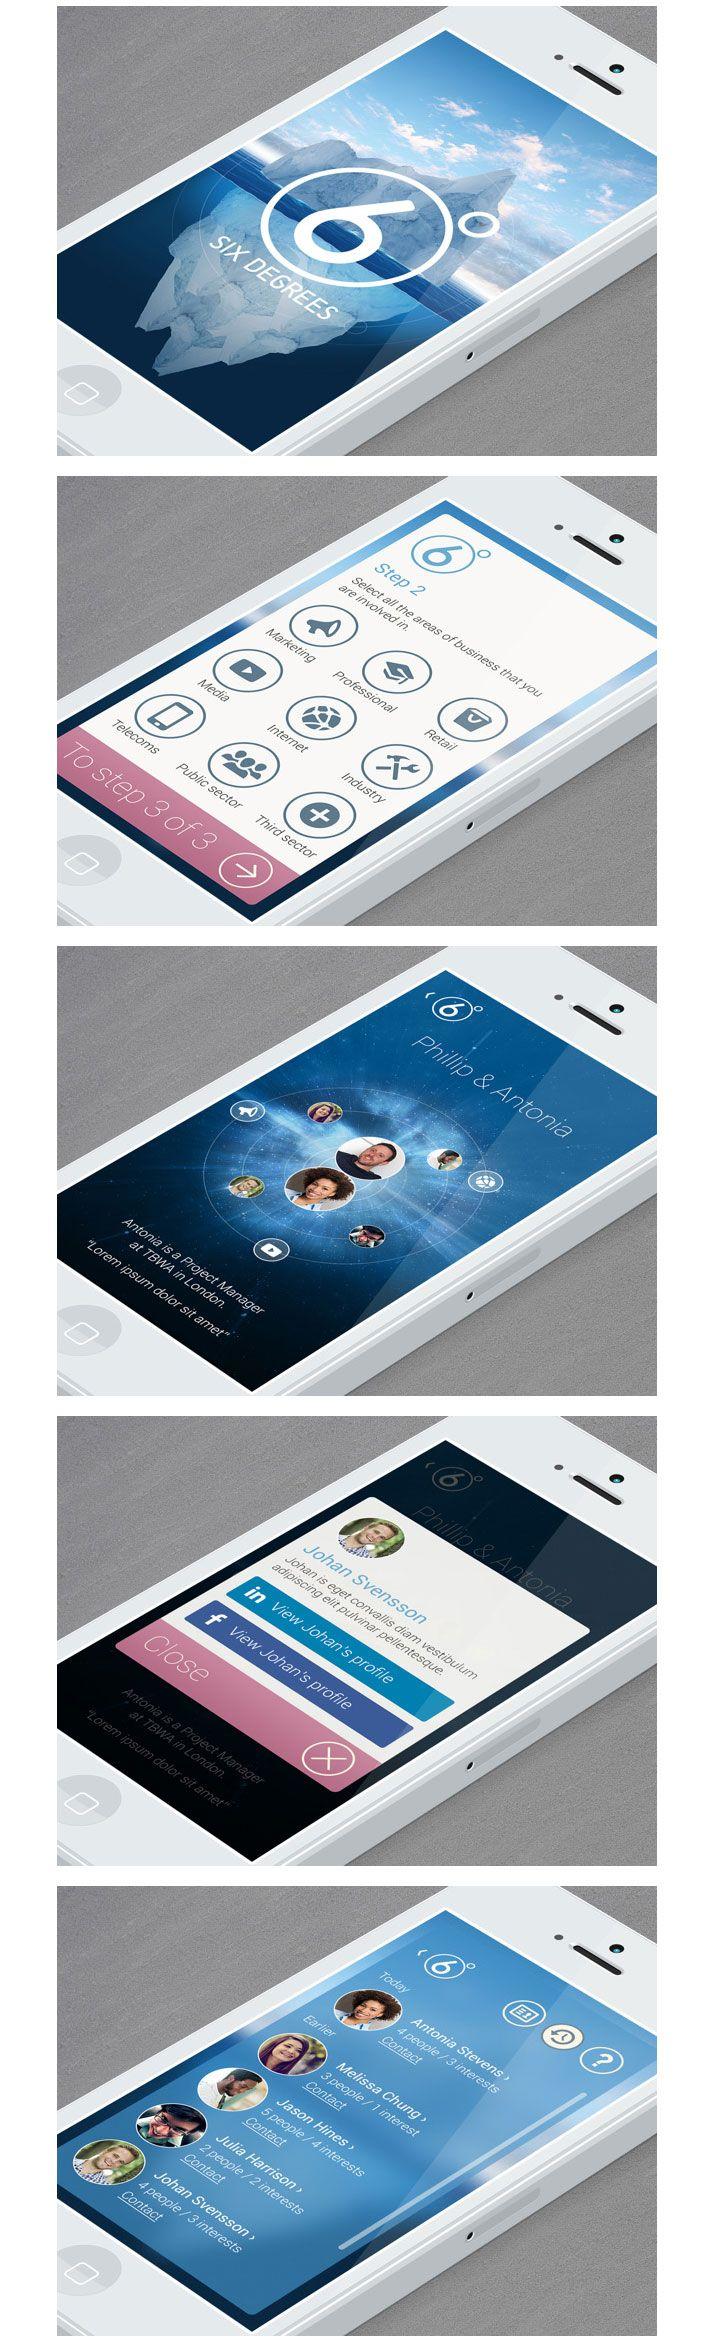 Daily Mobile UI Design Inspiration #174